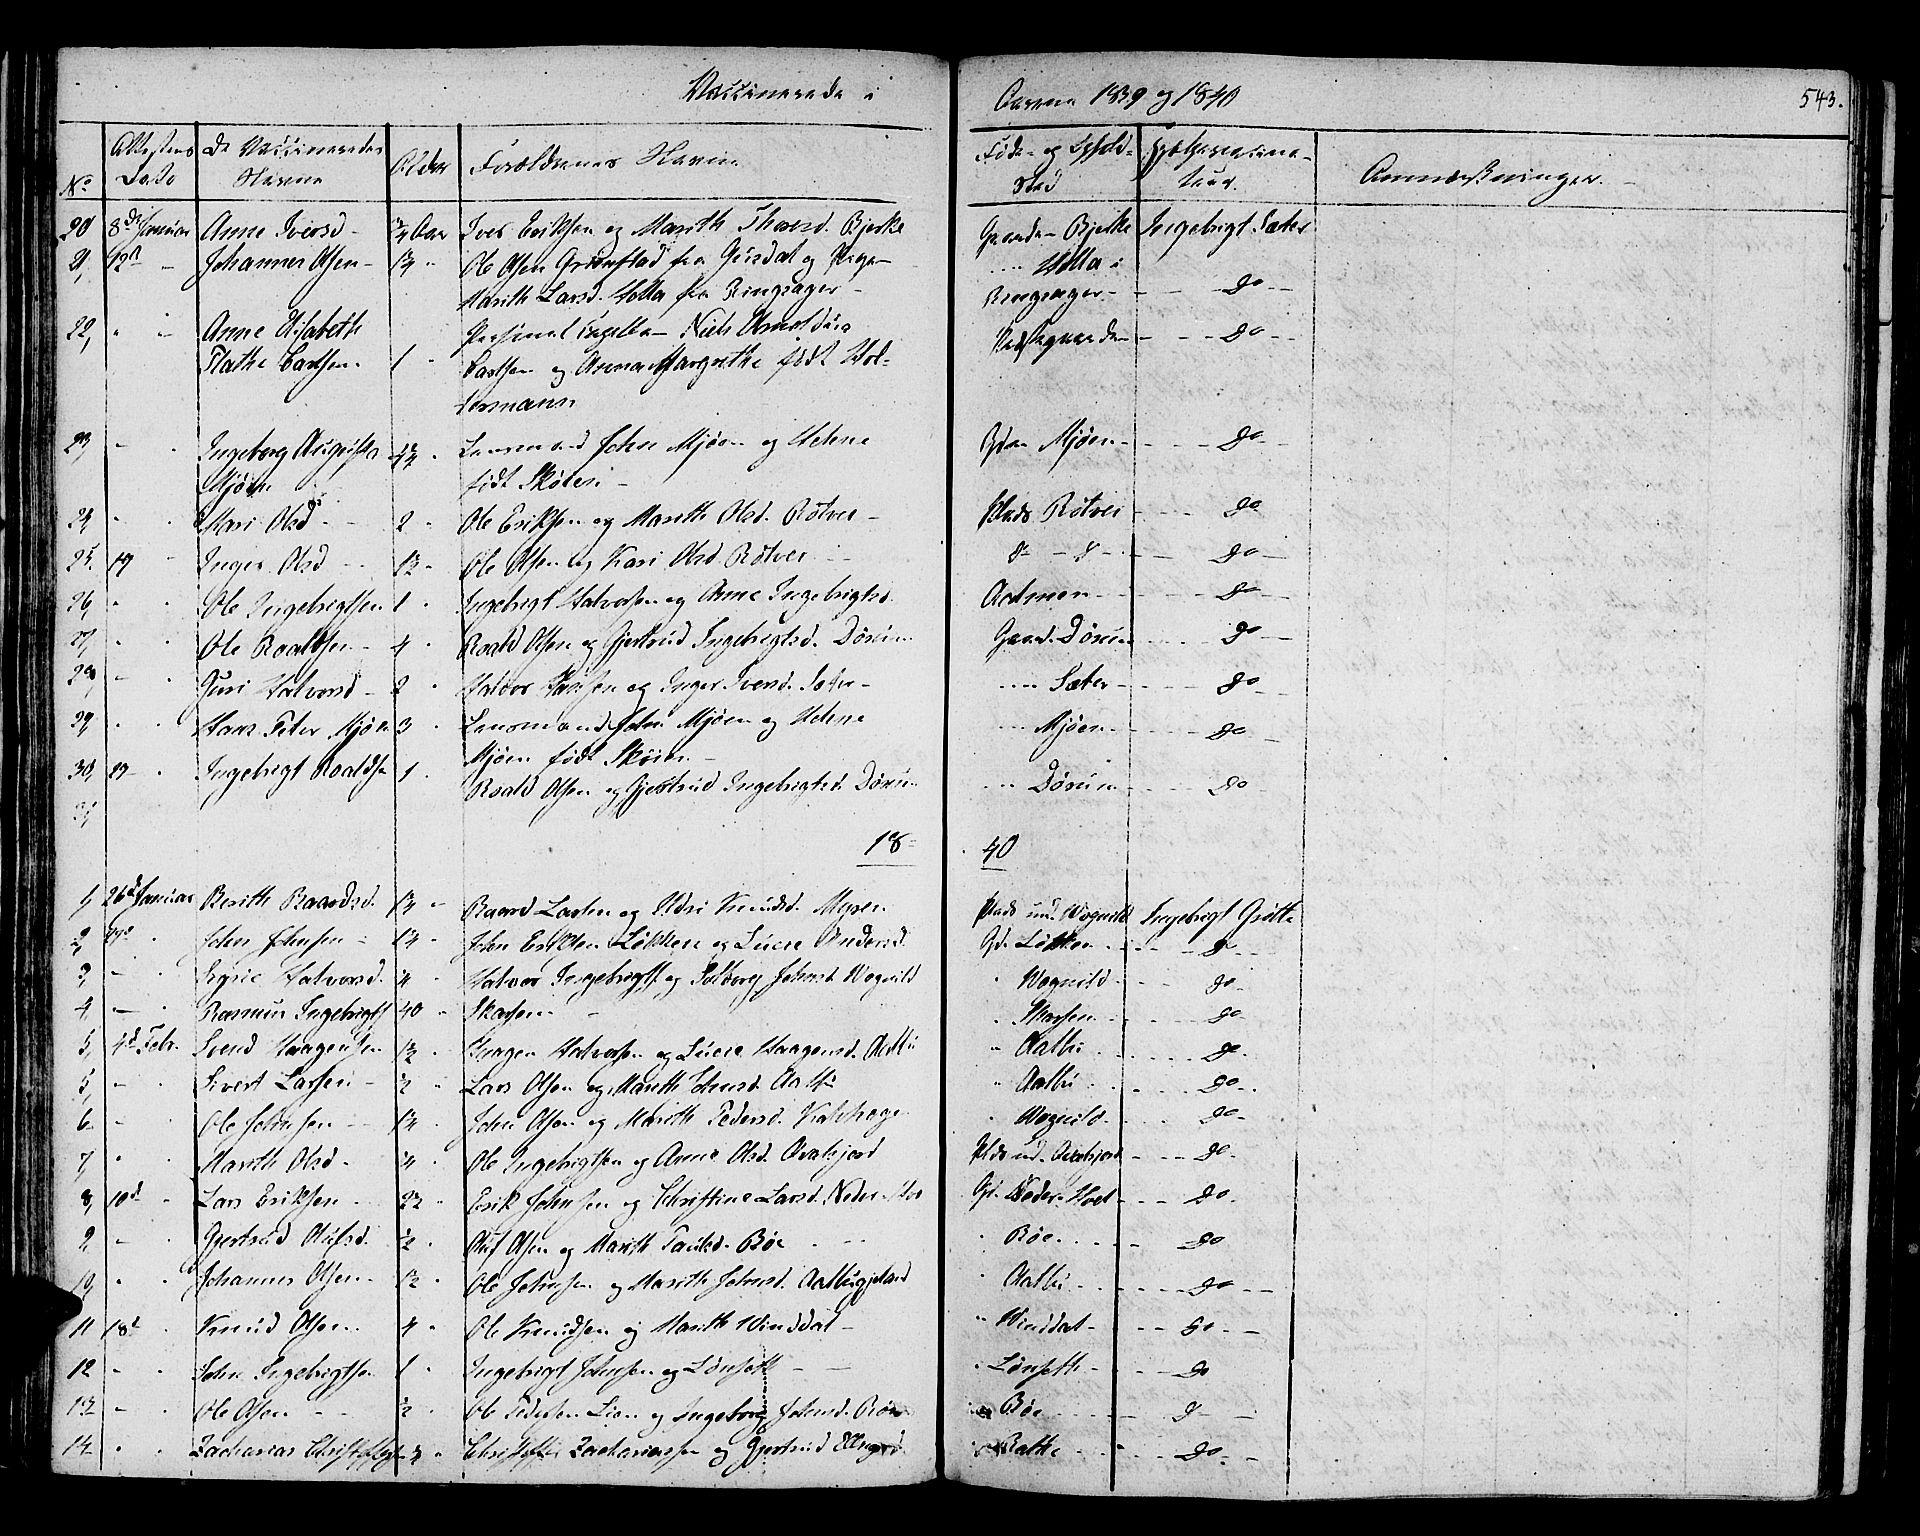 SAT, Ministerialprotokoller, klokkerbøker og fødselsregistre - Sør-Trøndelag, 678/L0897: Ministerialbok nr. 678A06-07, 1821-1847, s. 543